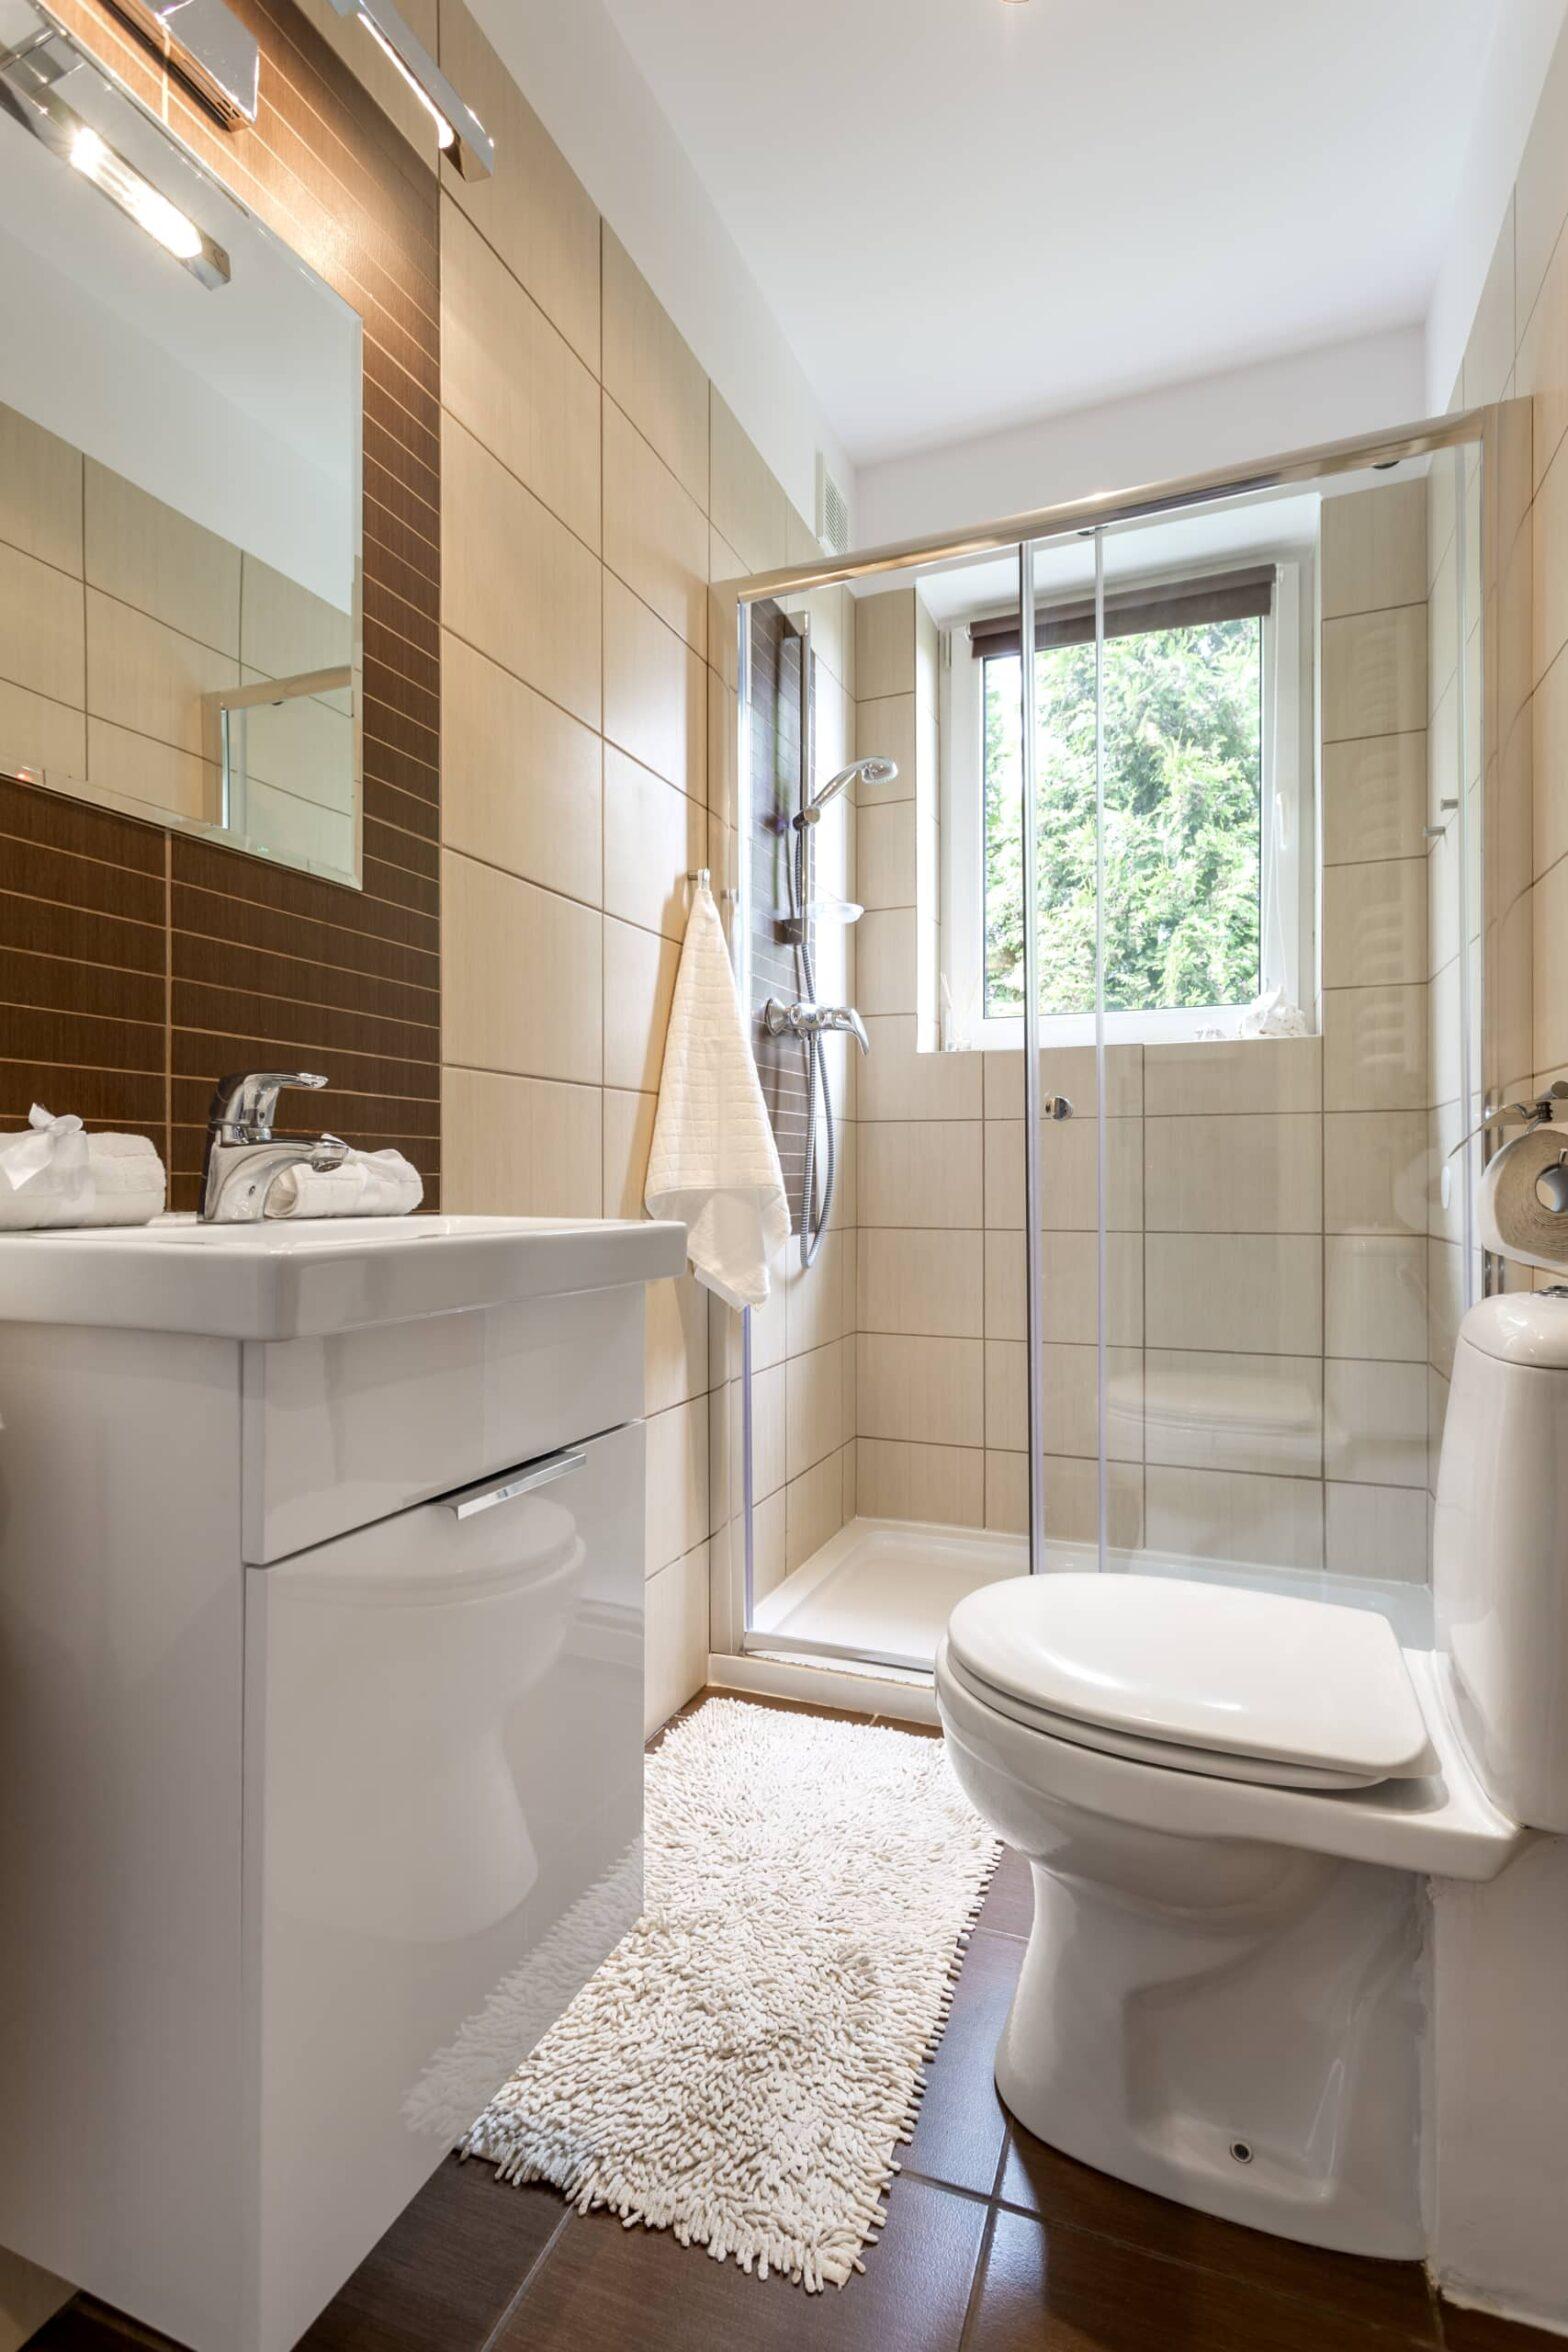 Cuánto cuesta la reforma de un baño de 3 metros